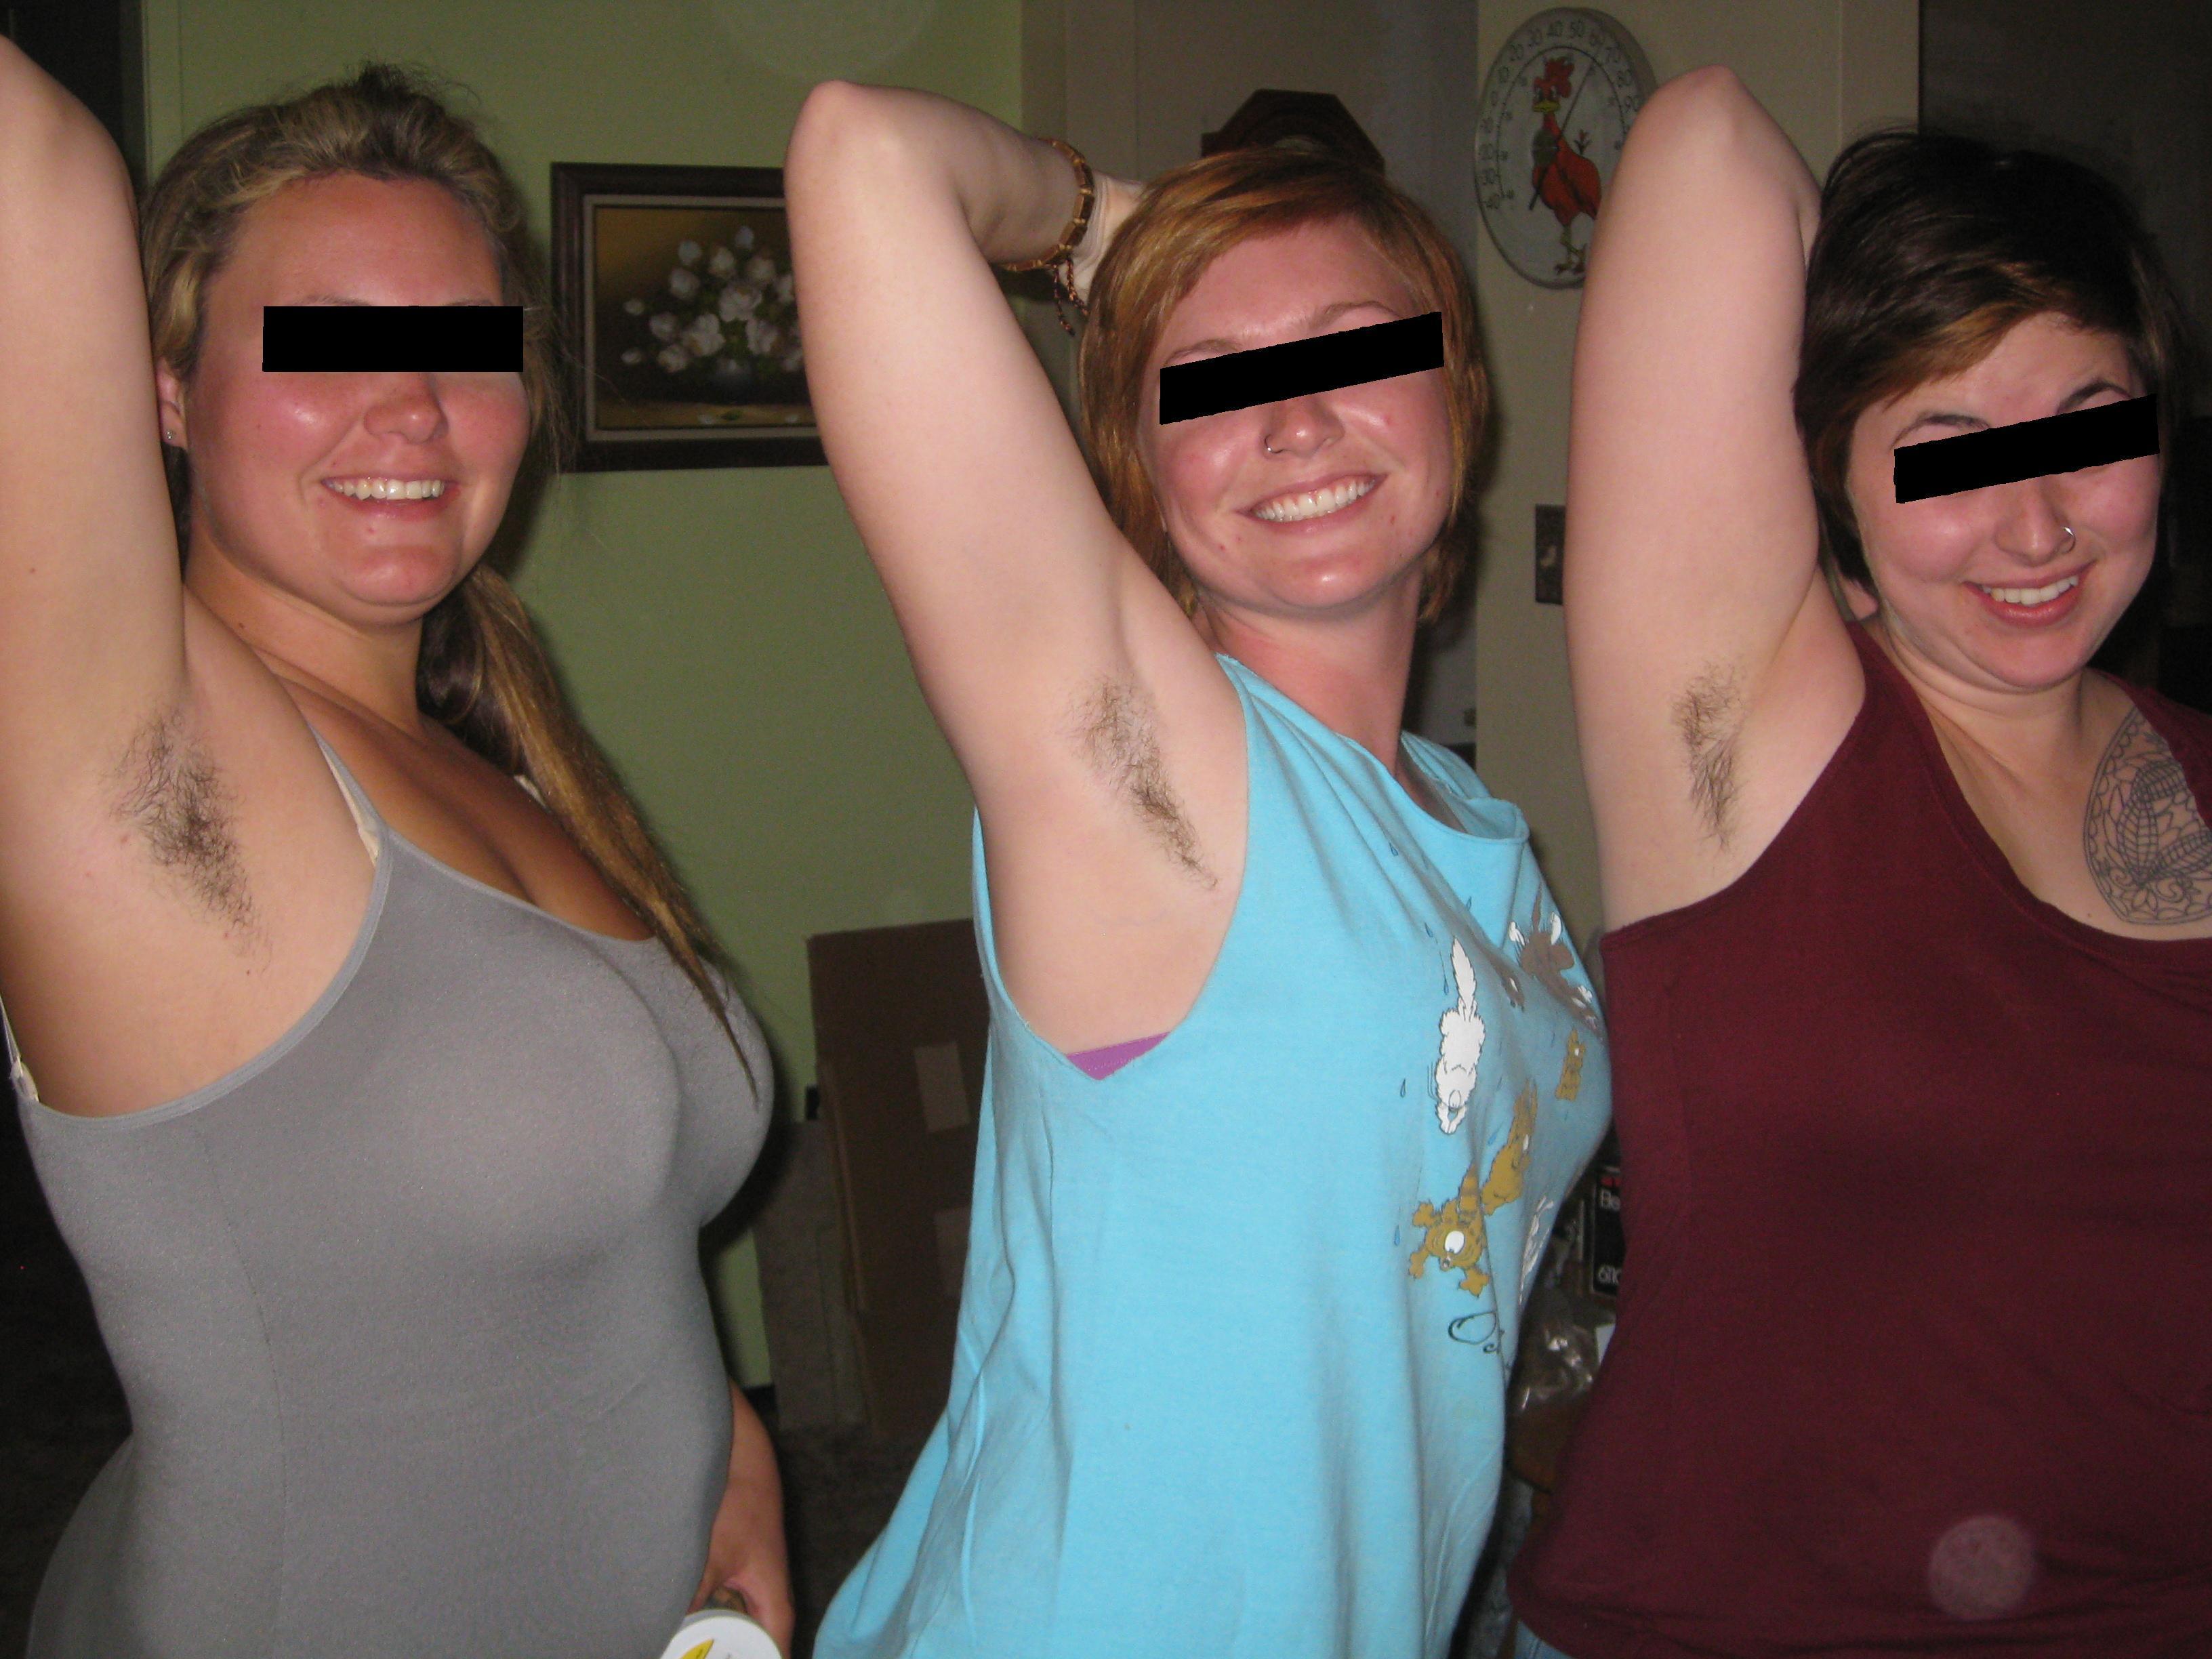 Busty hairy armpits